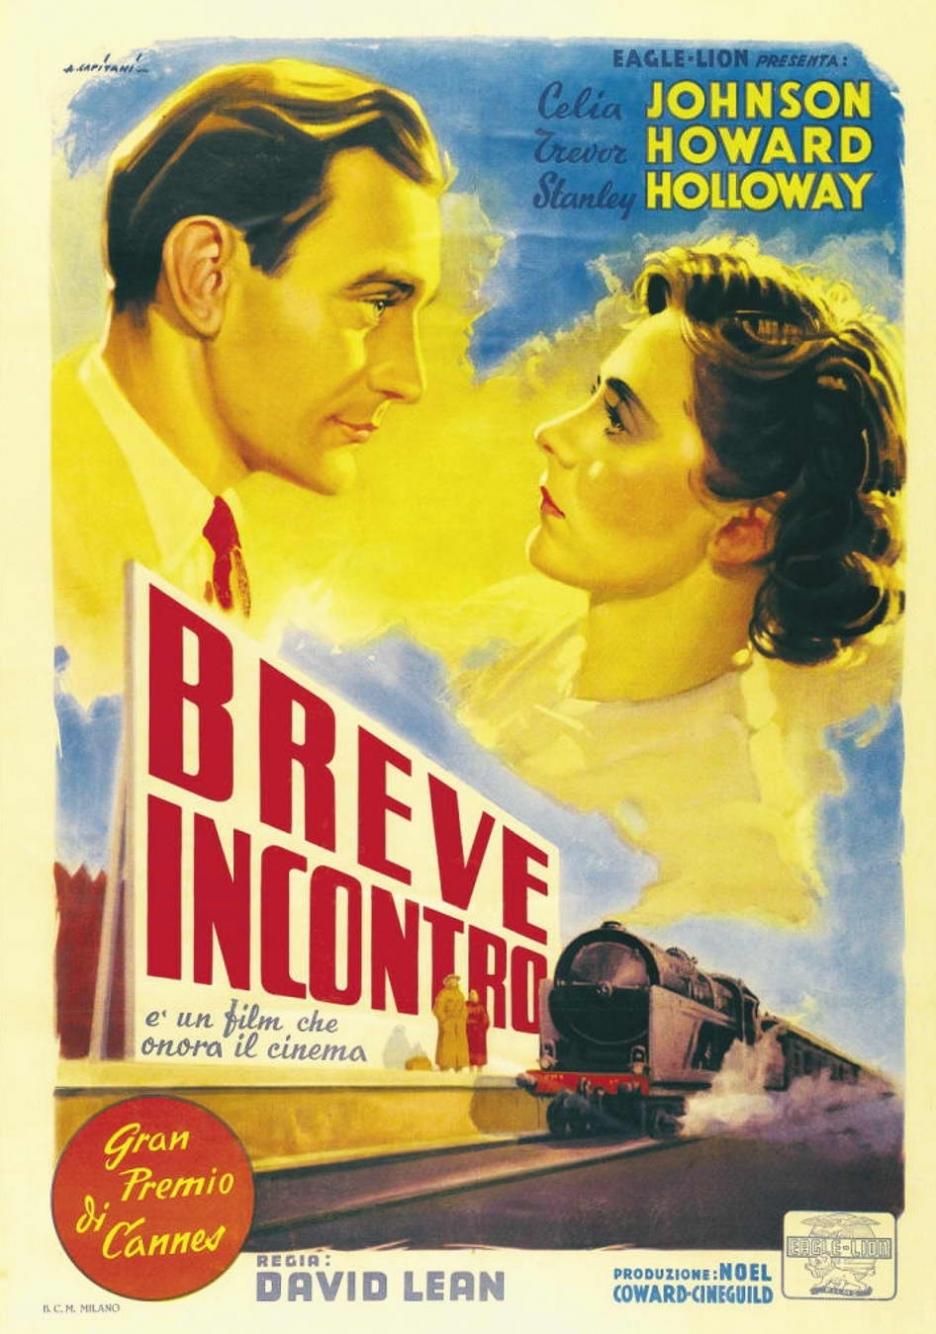 http://1.bp.blogspot.com/-qMwx_k_PubU/UT_P978JuVI/AAAAAAAAAn8/tvMMYJ9BZUM/s1600/936full-brief-encounter-poster.jpg